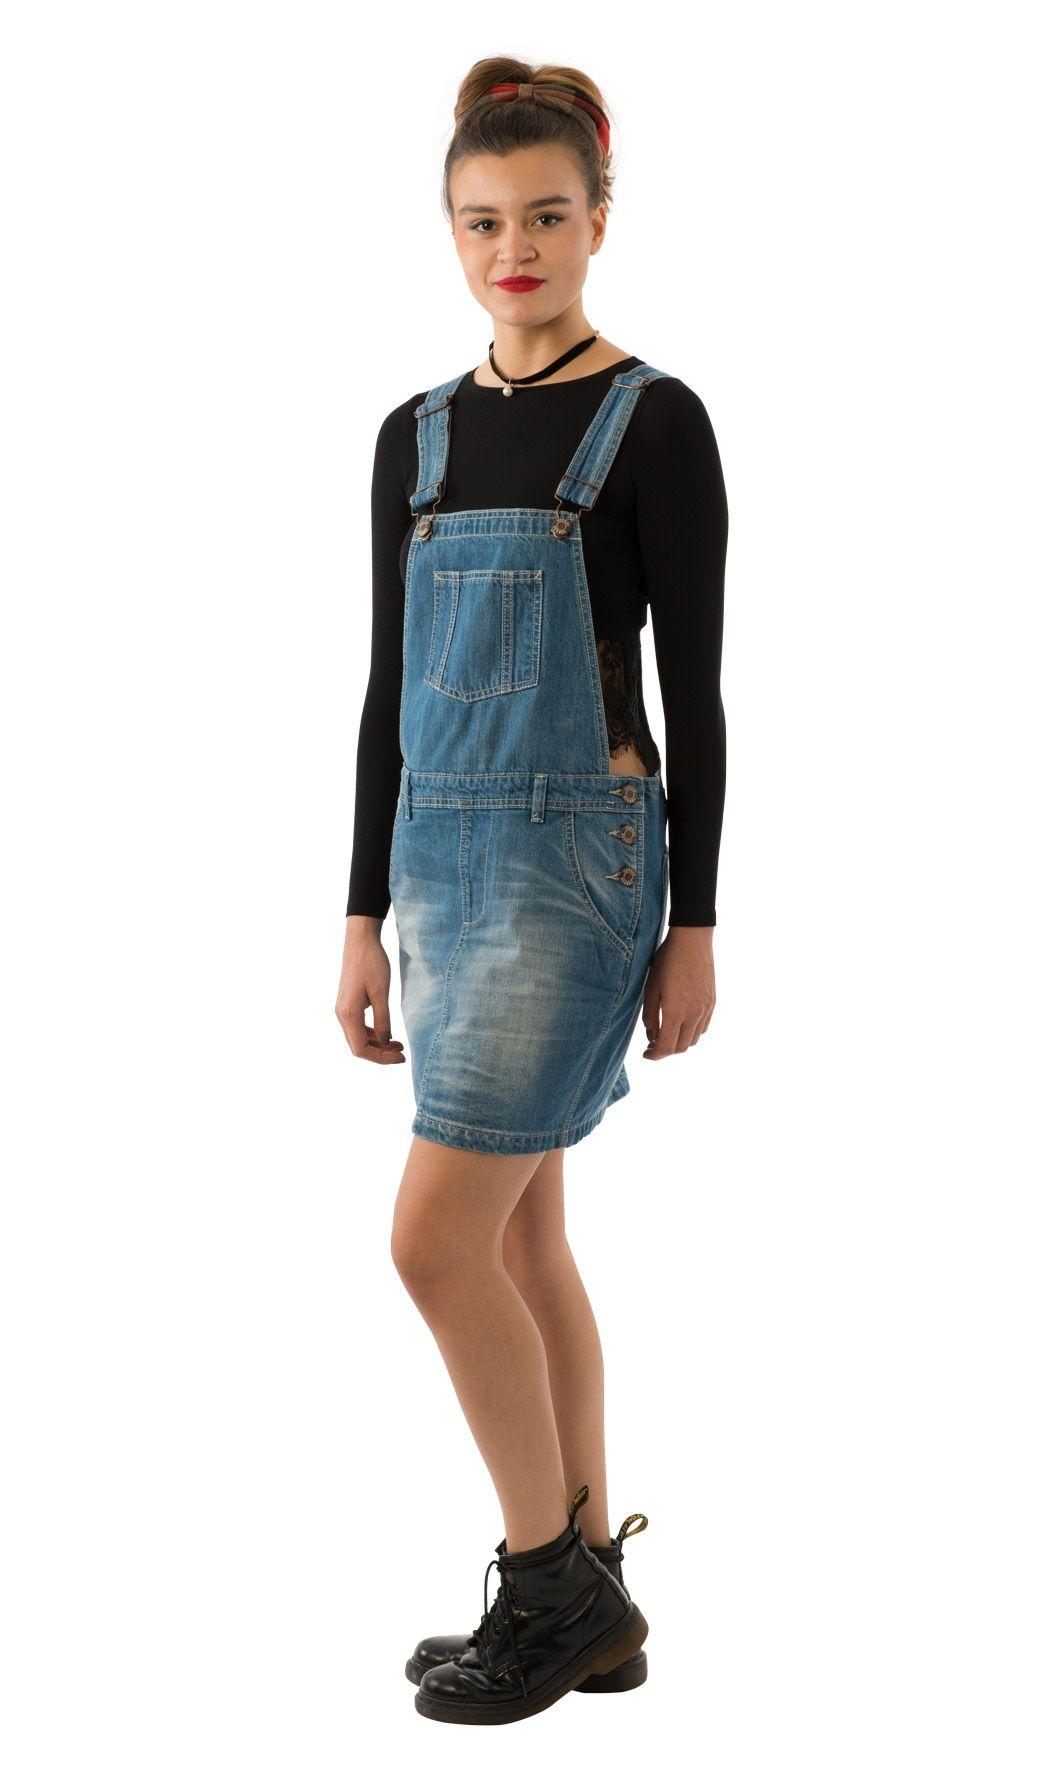 b08c6d50e50  USKEES Claire short denim dungaree dress - lightwash.  denimfashion   biboveralldress  bibskirt